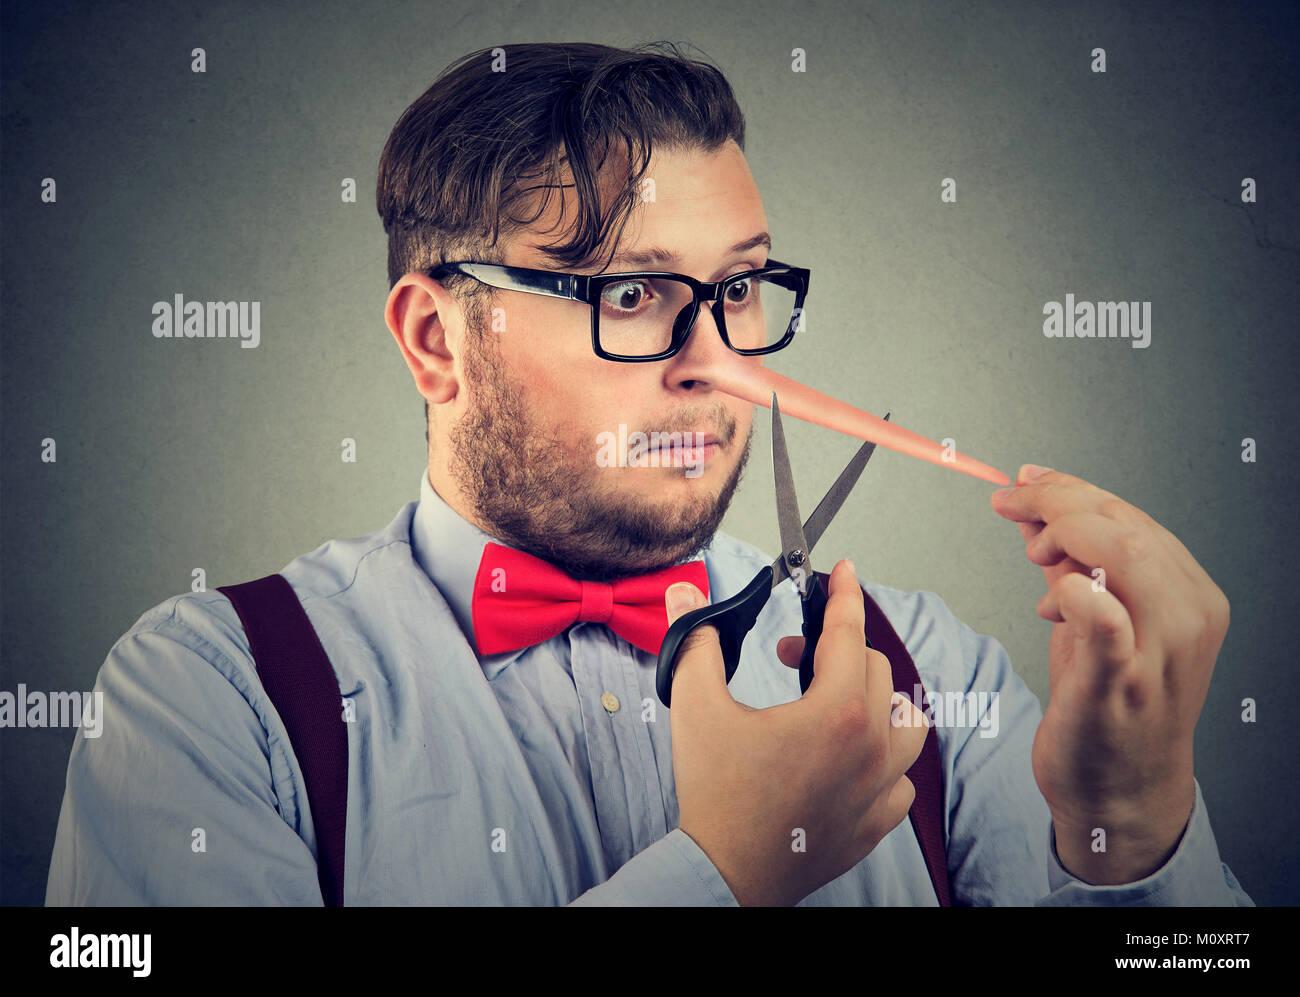 L'homme grassouillet ayant long nez de menteur essayant de le couper et changer de situation. Photo Stock